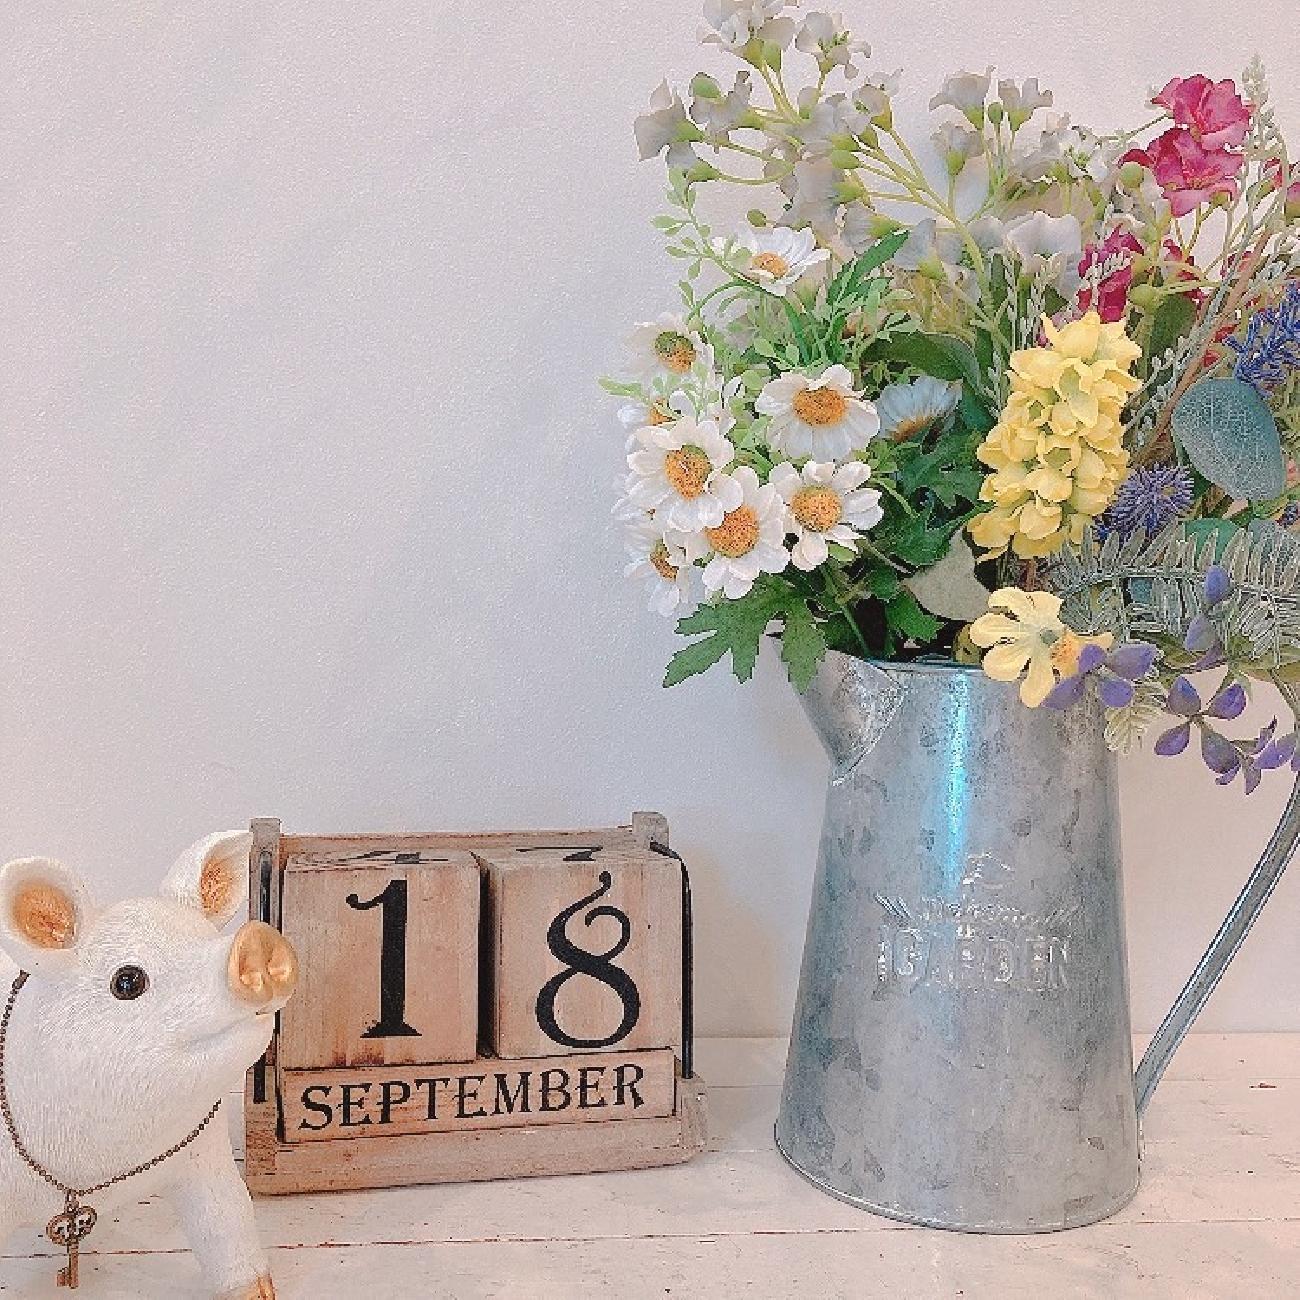 インテリア/アートフラワー/季節を楽しむ/おうち時間/造花